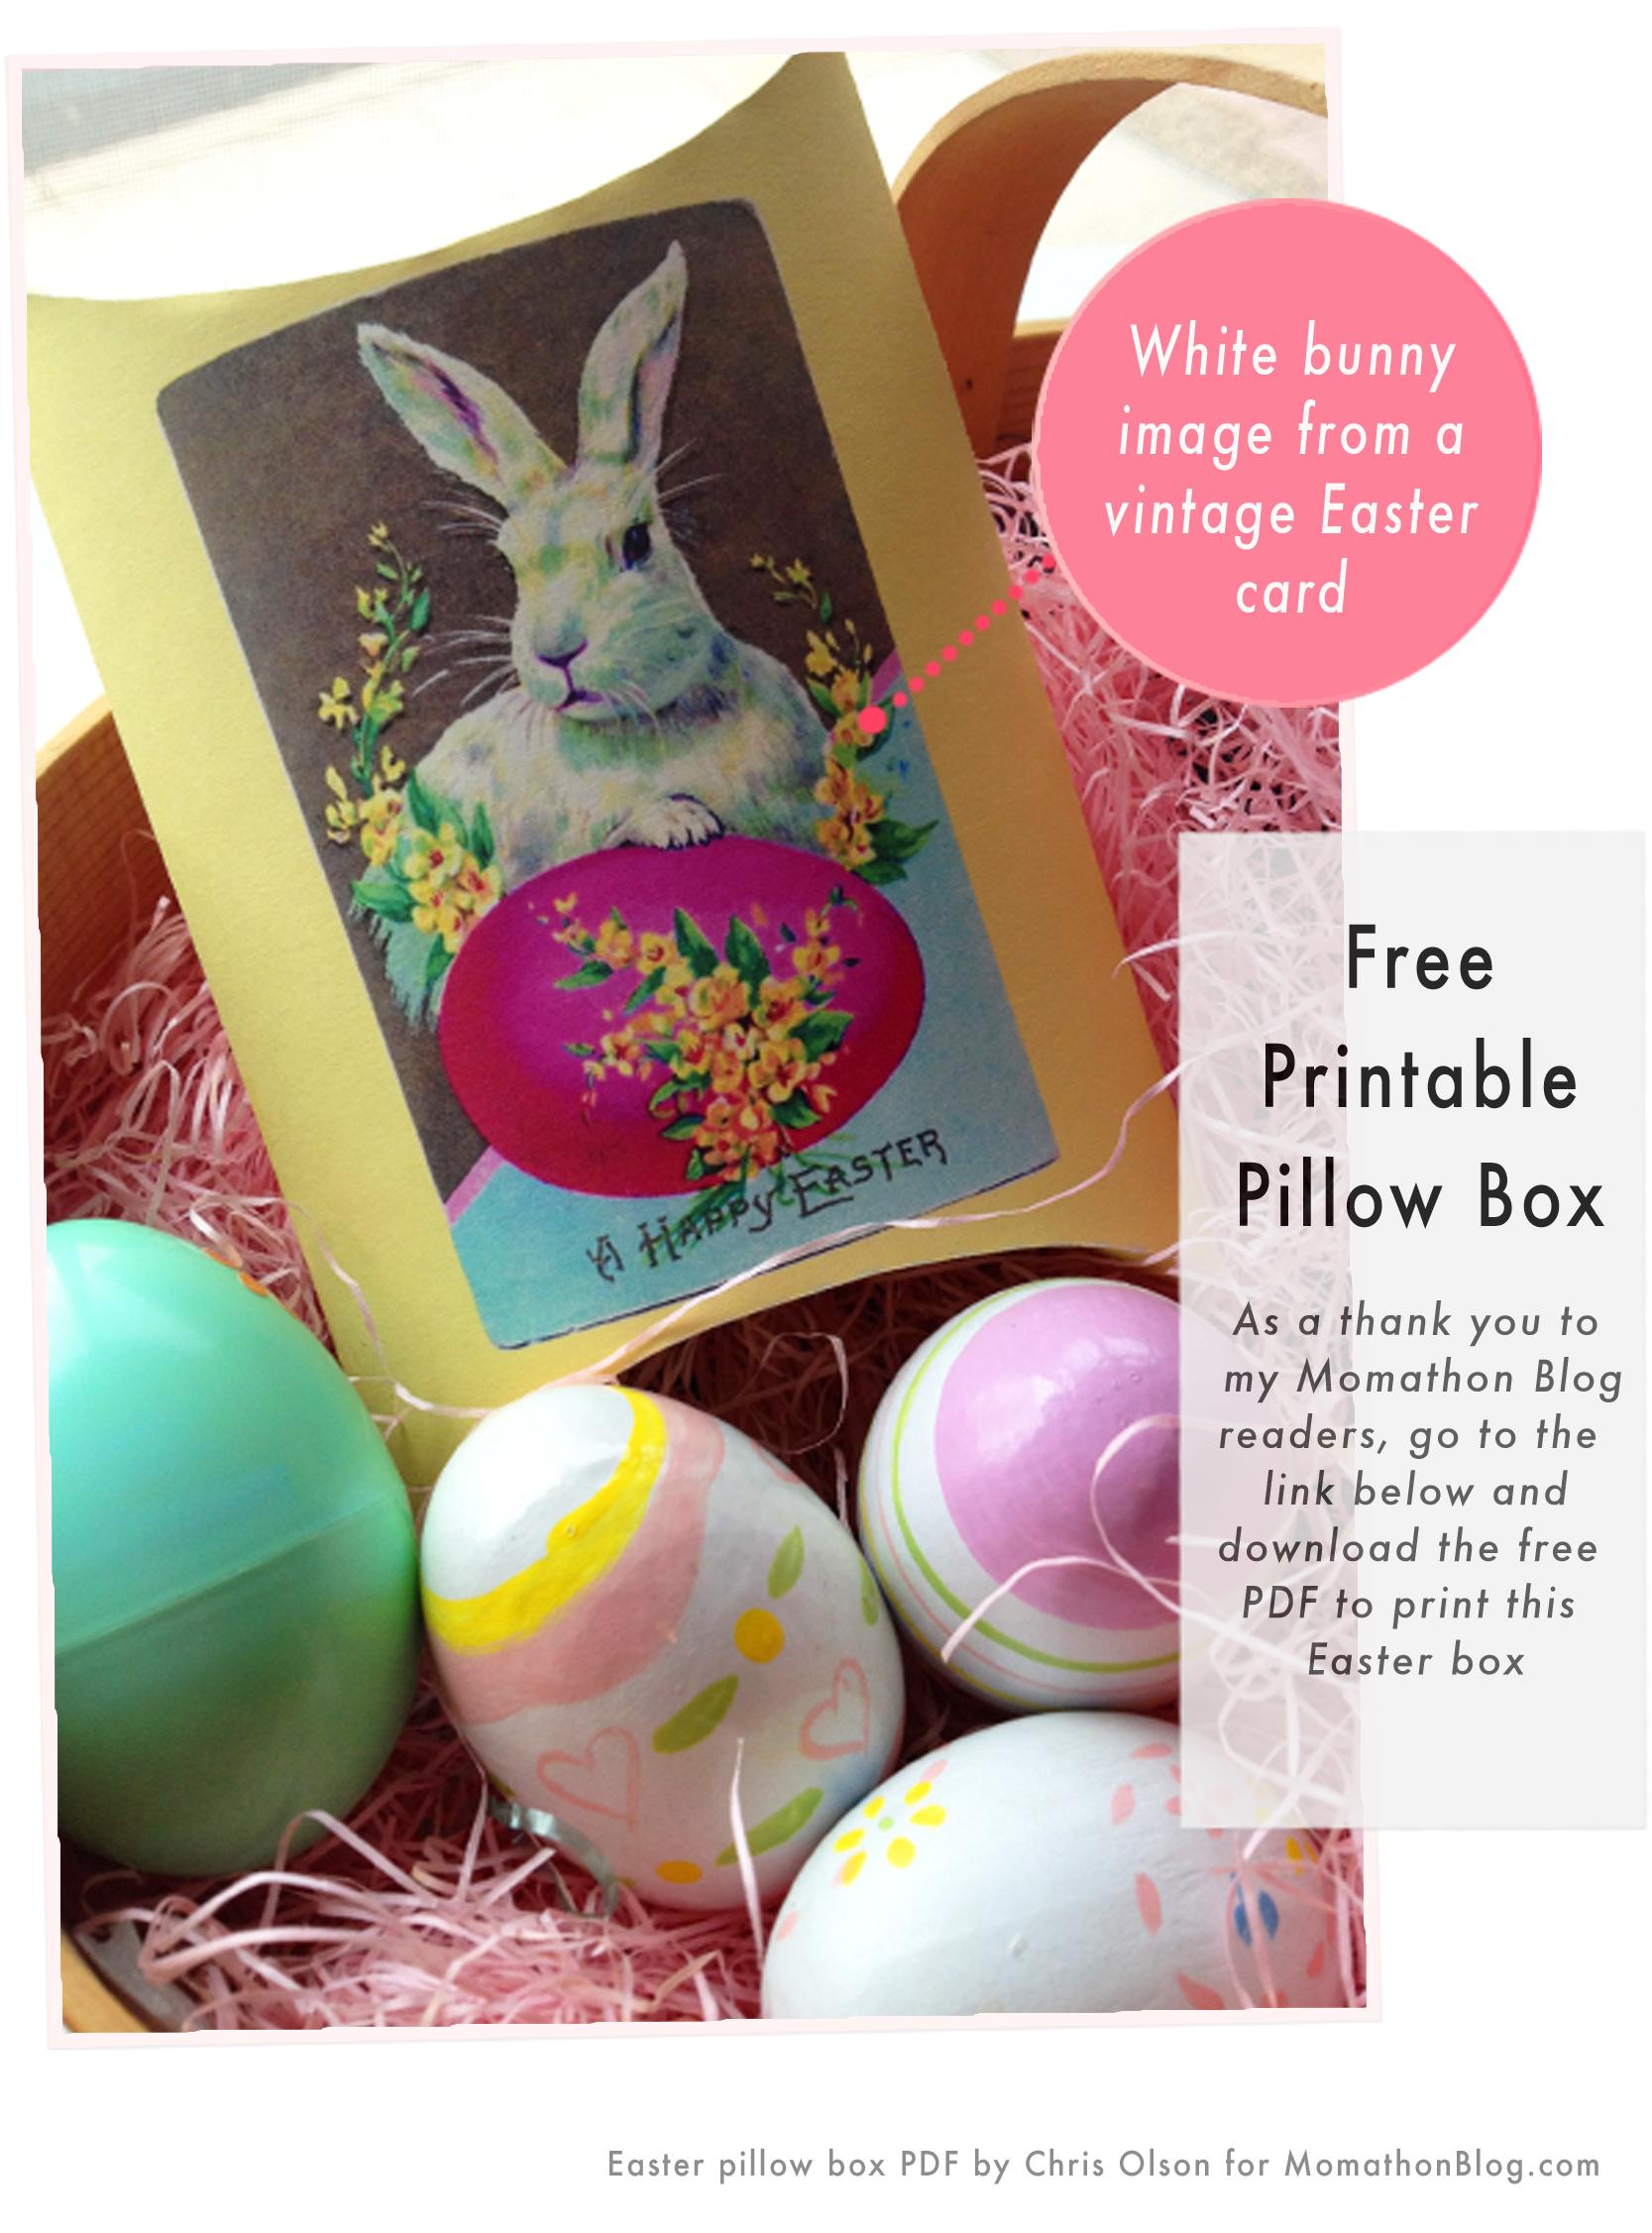 Momathon blog free printable easter bunny gift box freeprintablepillowbox negle Image collections